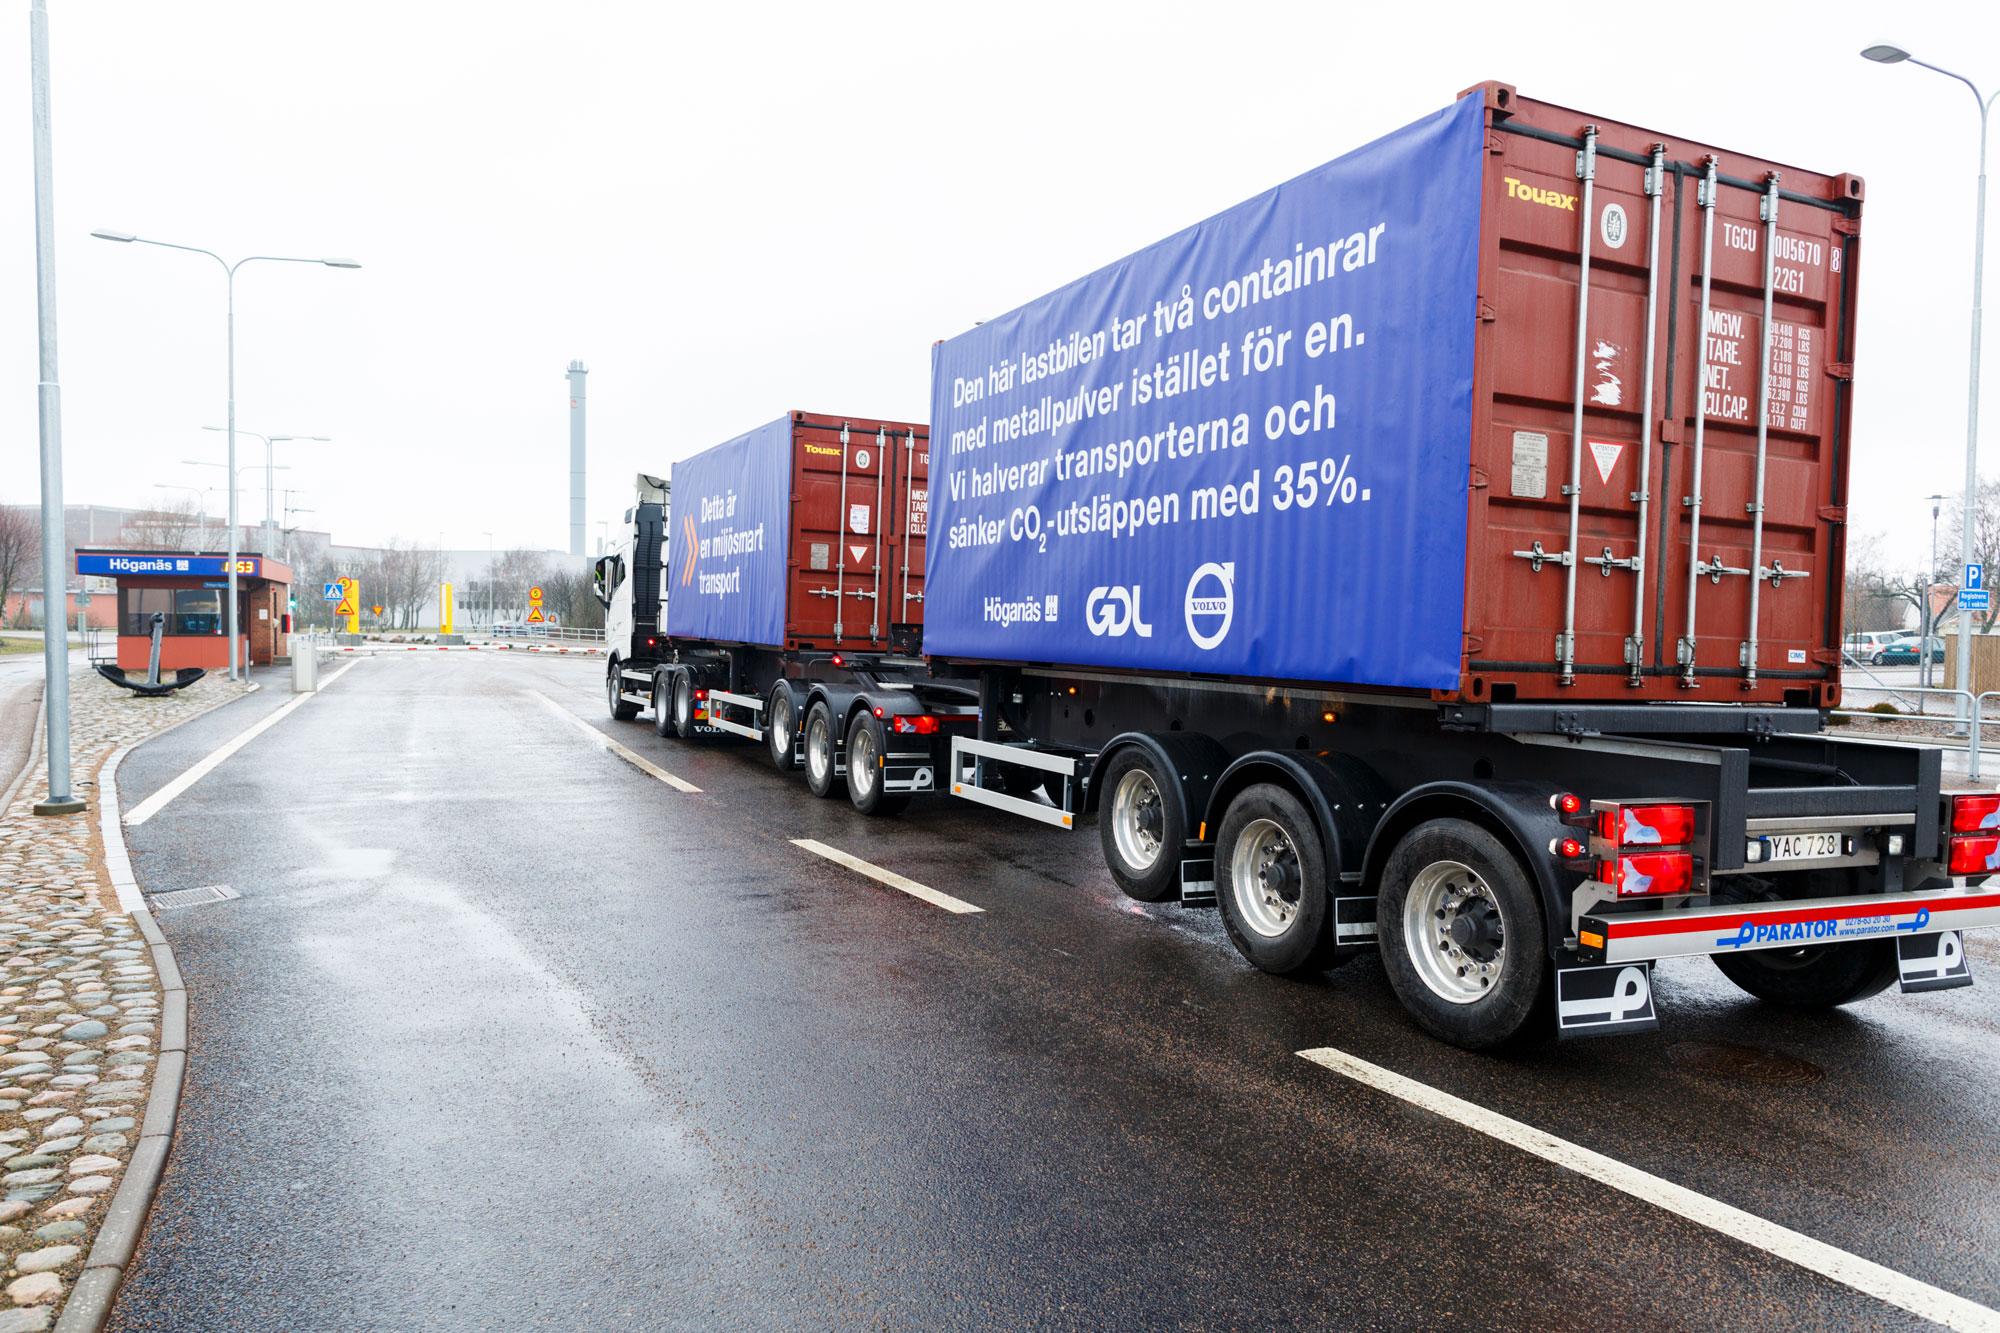 Höganäs' Longer Heavier Vehicle (LHV) truck